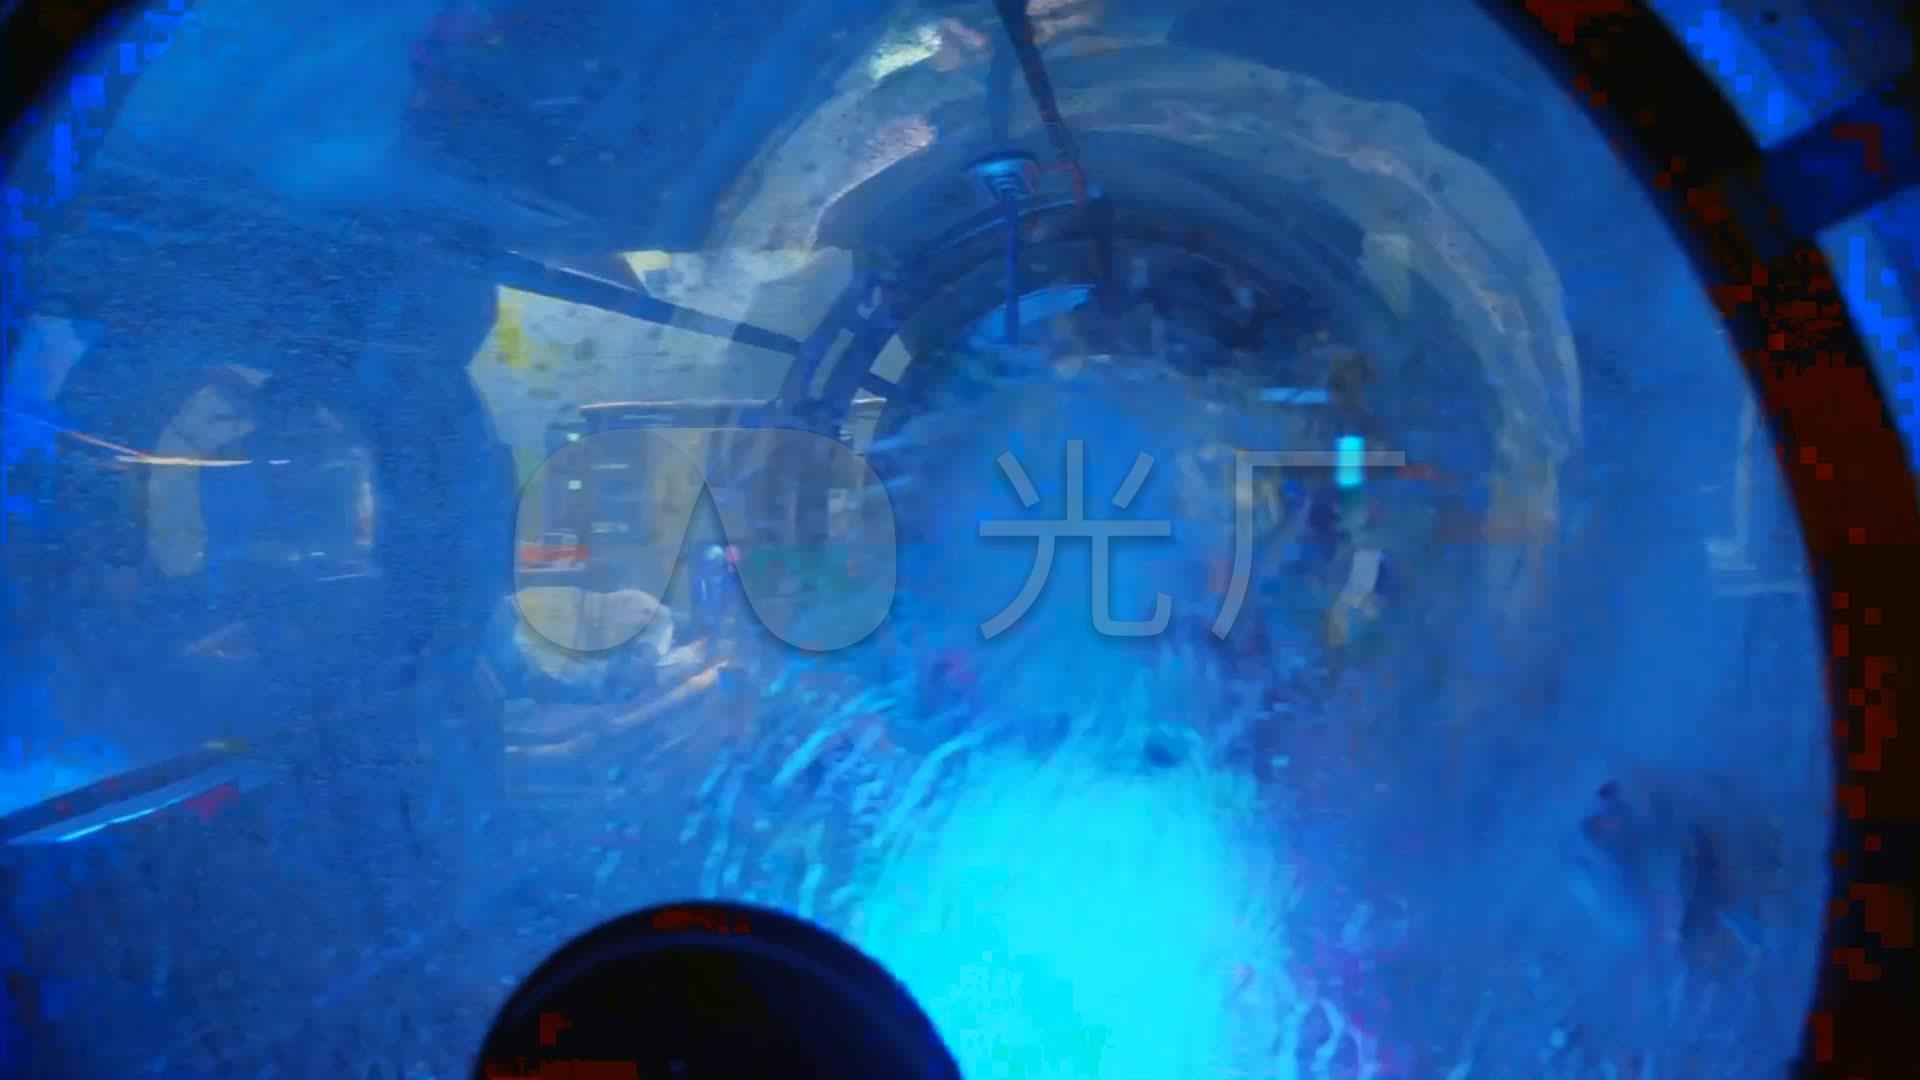 消防员v视频视频玻璃电梯罐子_1920X1080_高安装水管图纸图片